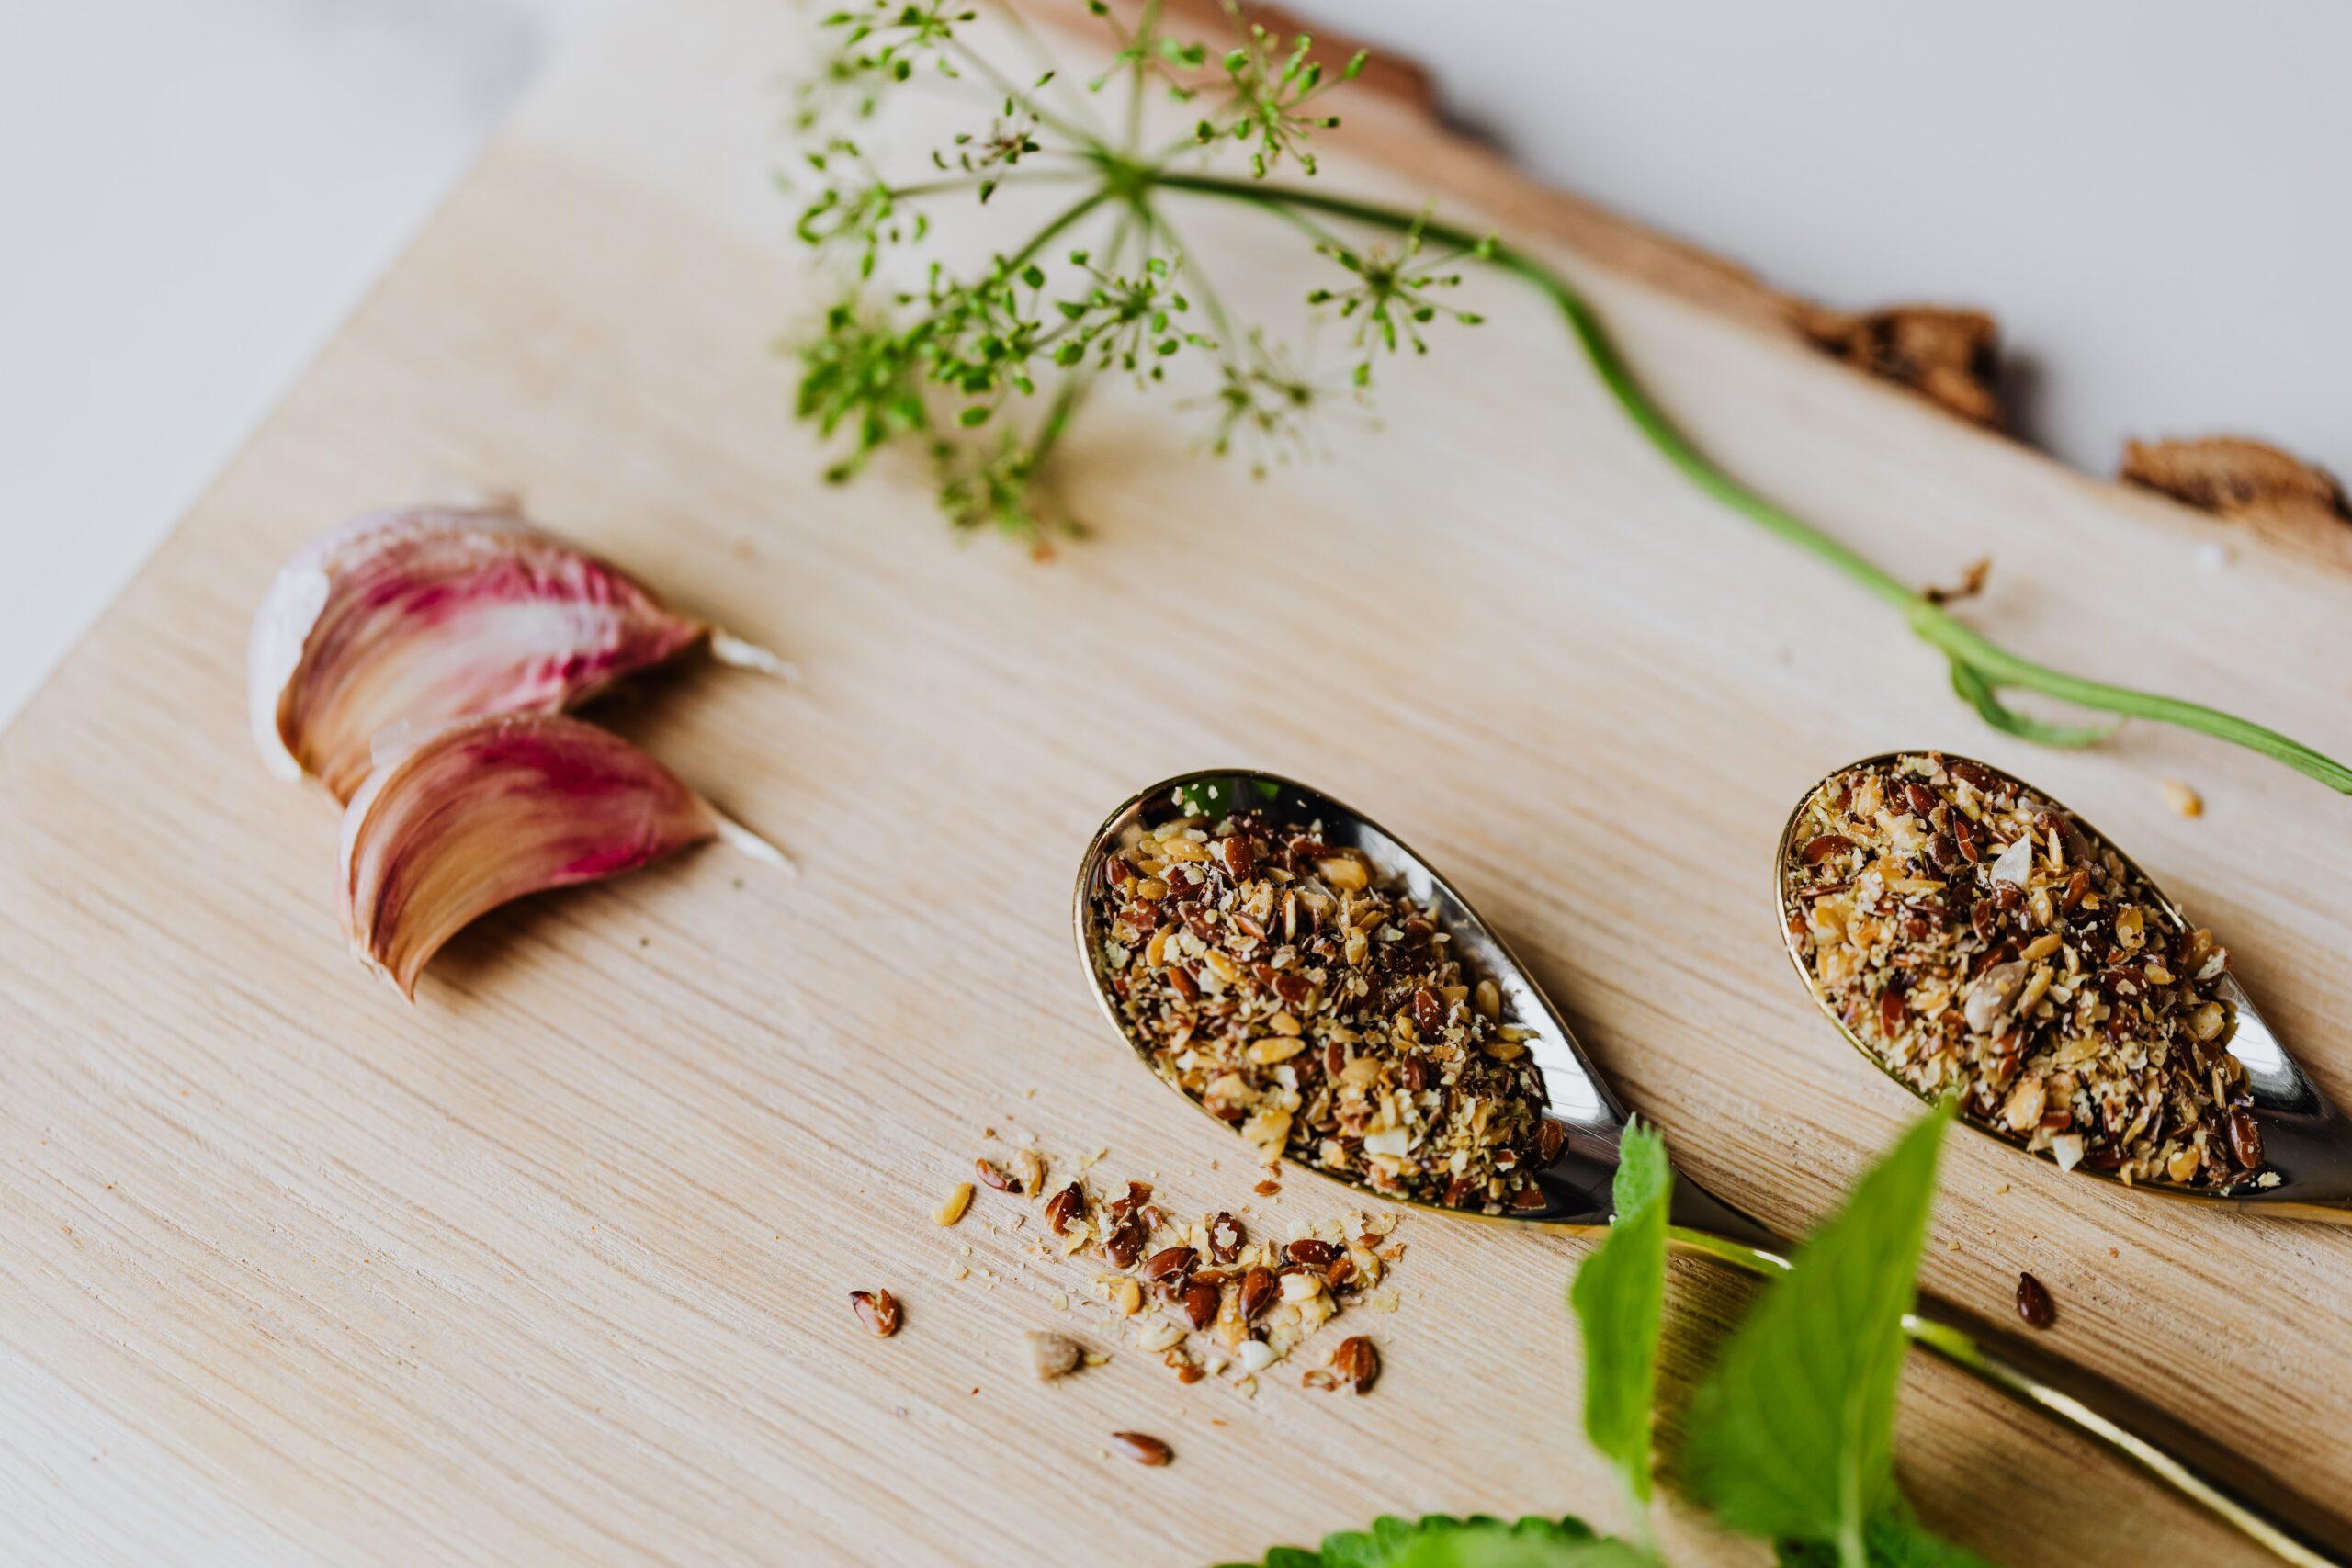 Leki ziołowe stosowanie przeciwwskazania Labofarm